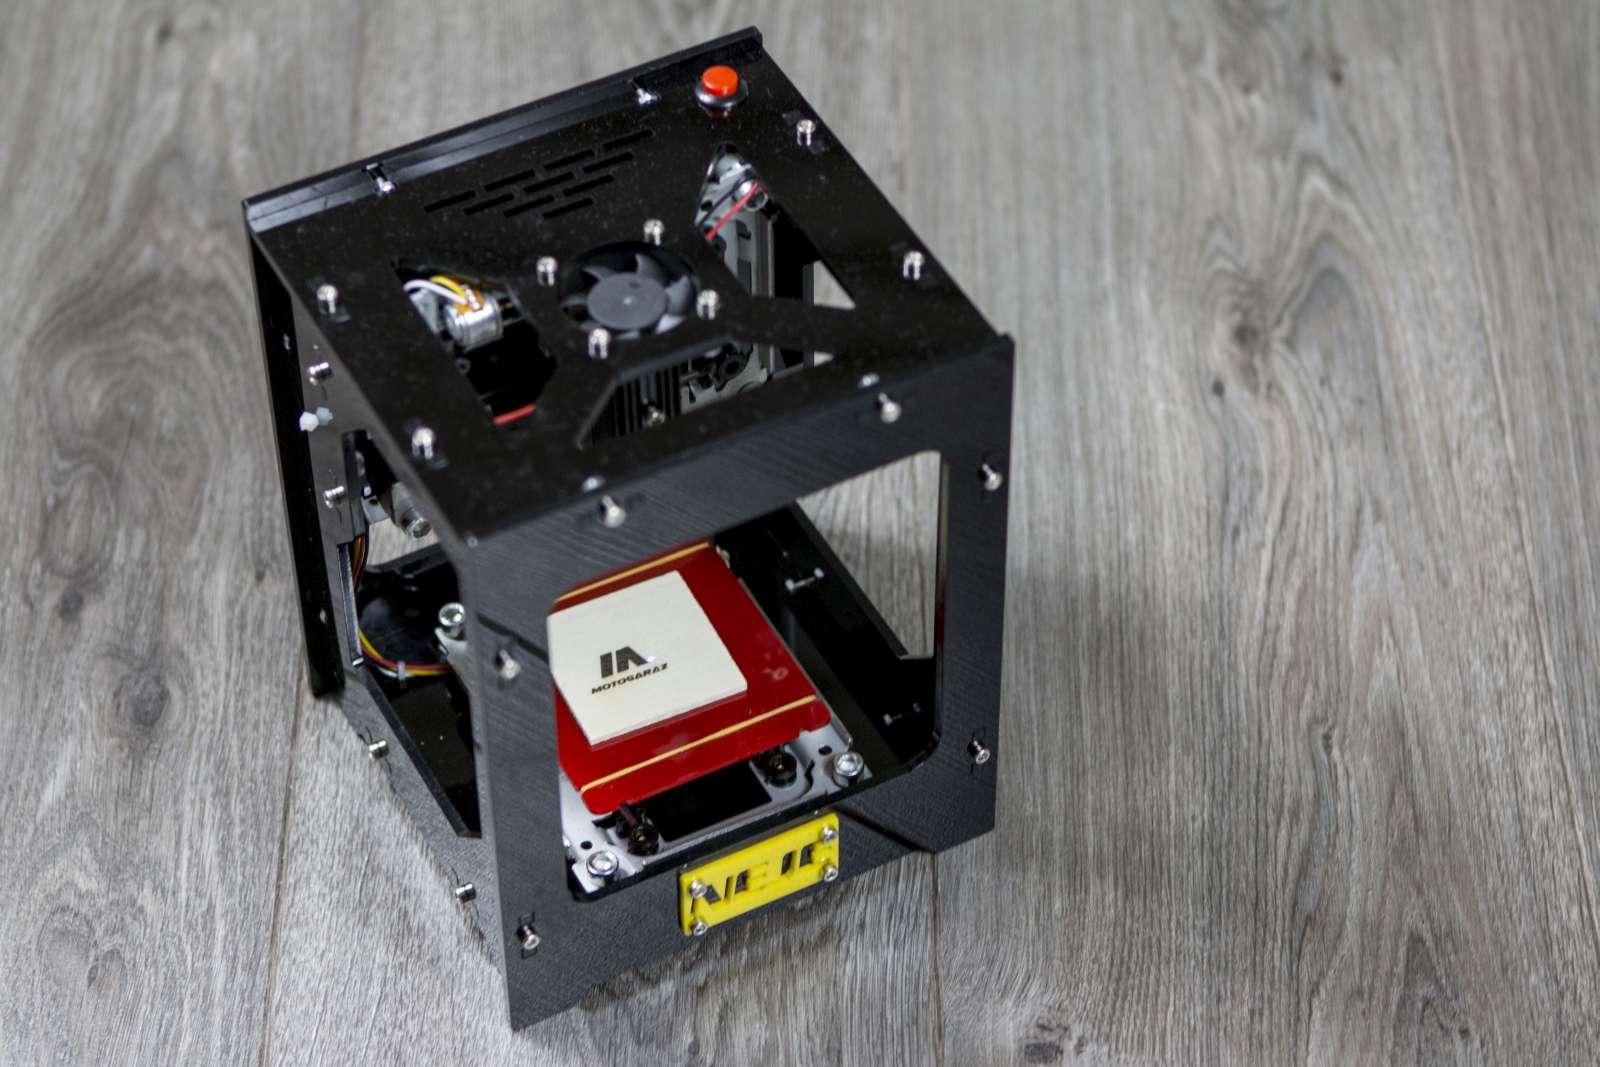 Cudowna NEJE DK - BL1500mw czyli urządzenie do grawerowania laserowego LB17